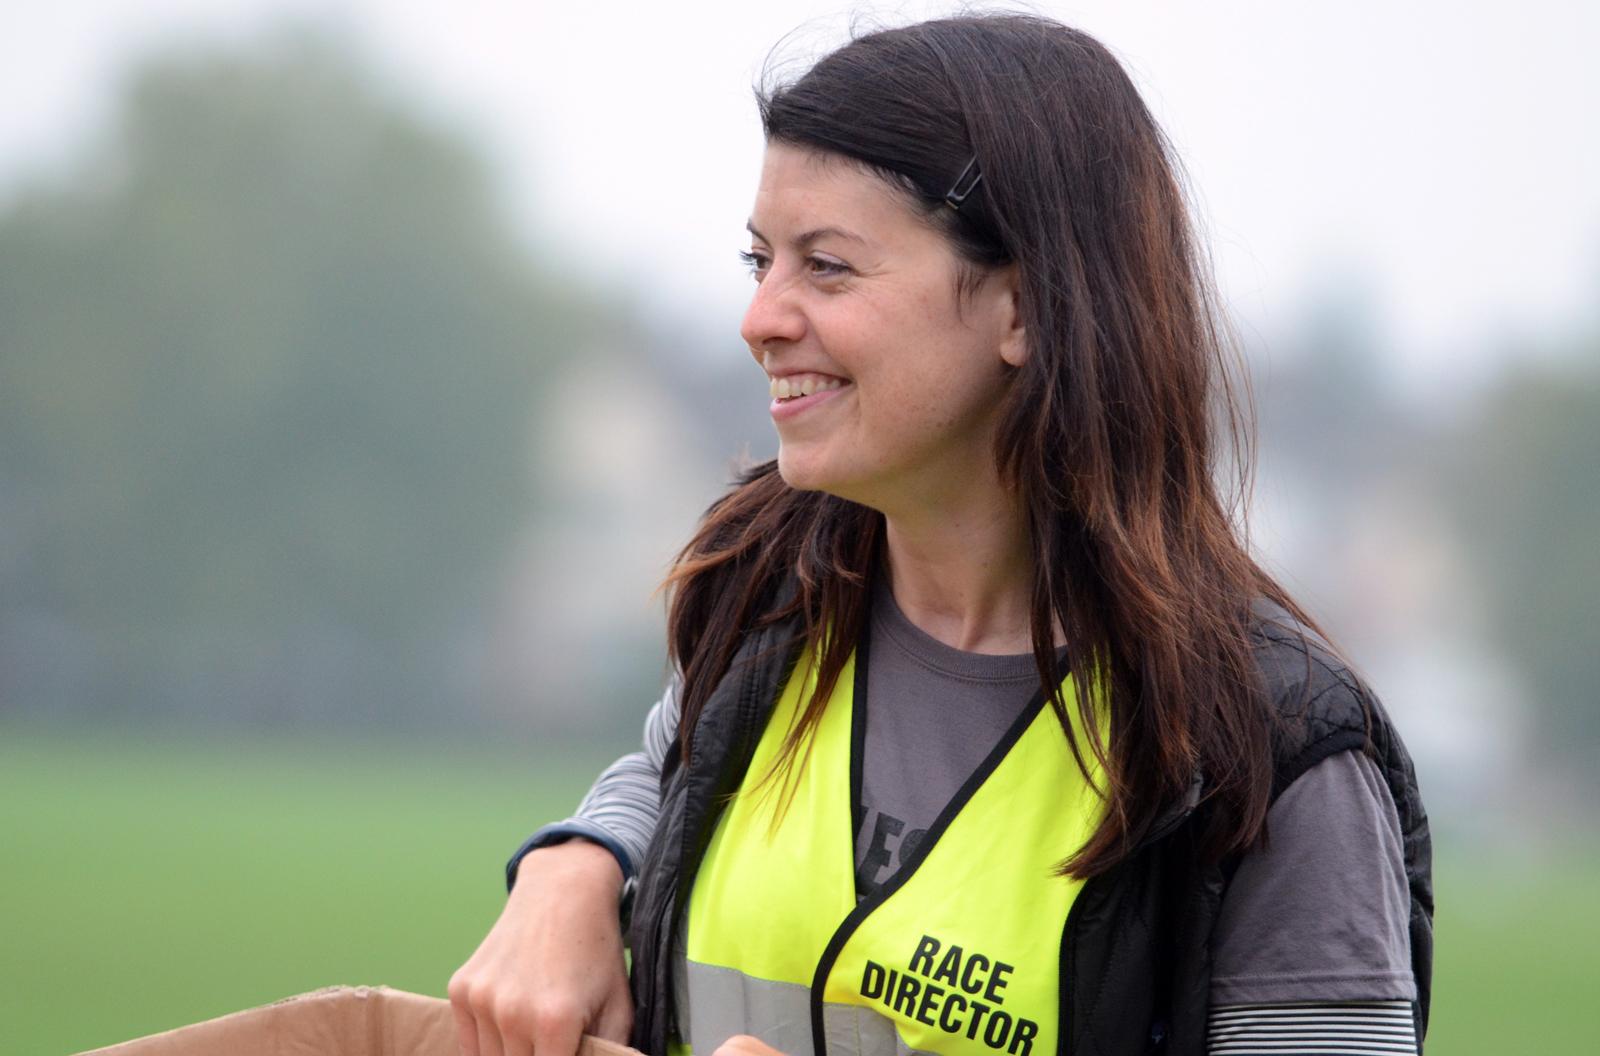 Race director – Kristin